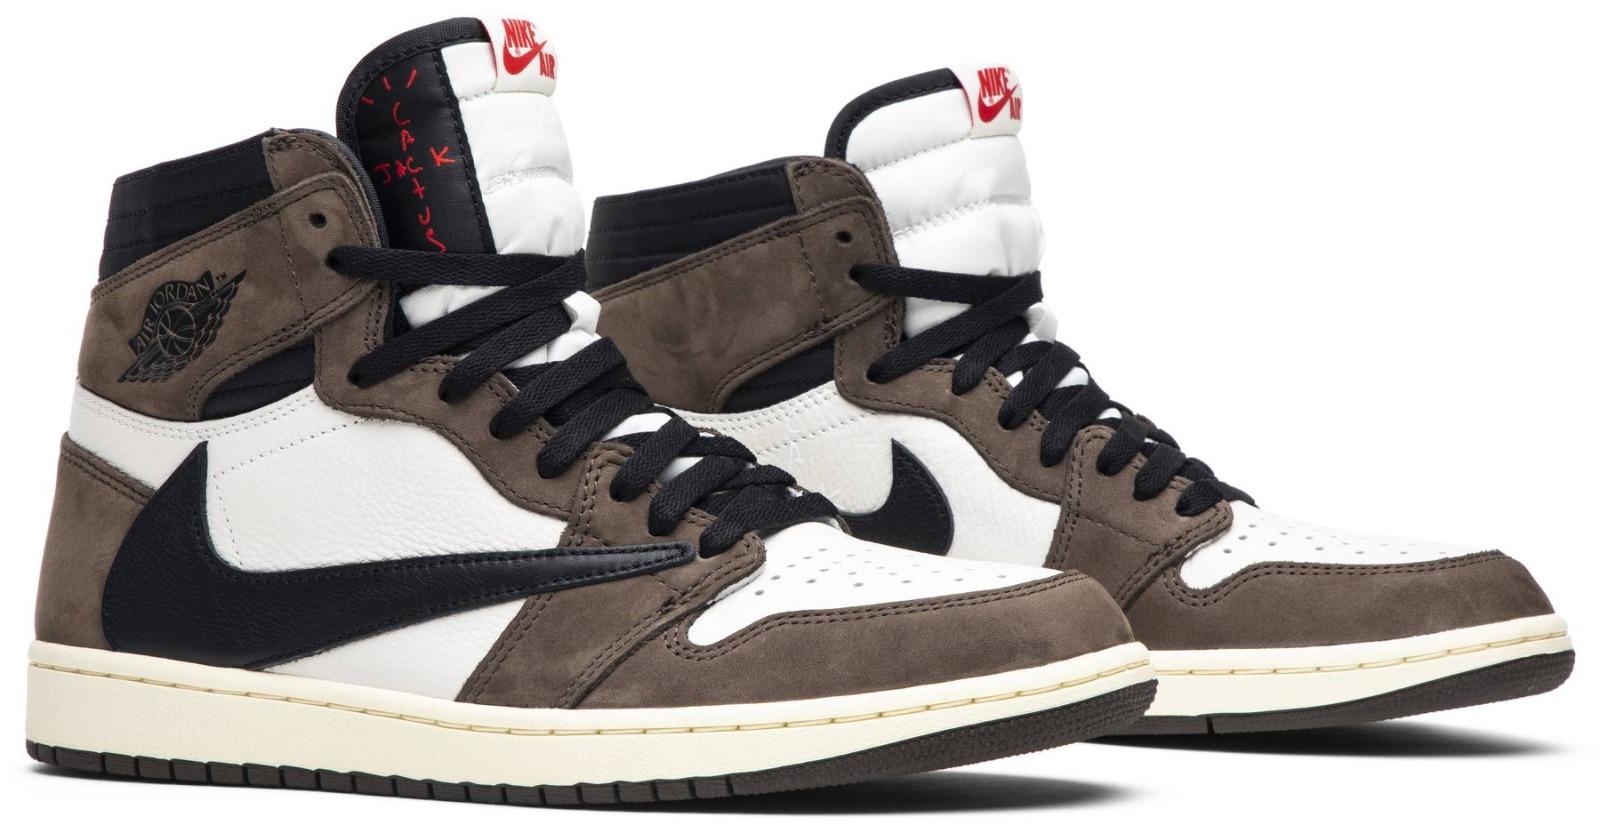 temperament shoes finest selection multiple colors Travis Scott x Air Jordan 1 Retro High OG 'Mocha' / Travis Scott x Air  Jordan 1 Retro High OG 'Mocha'